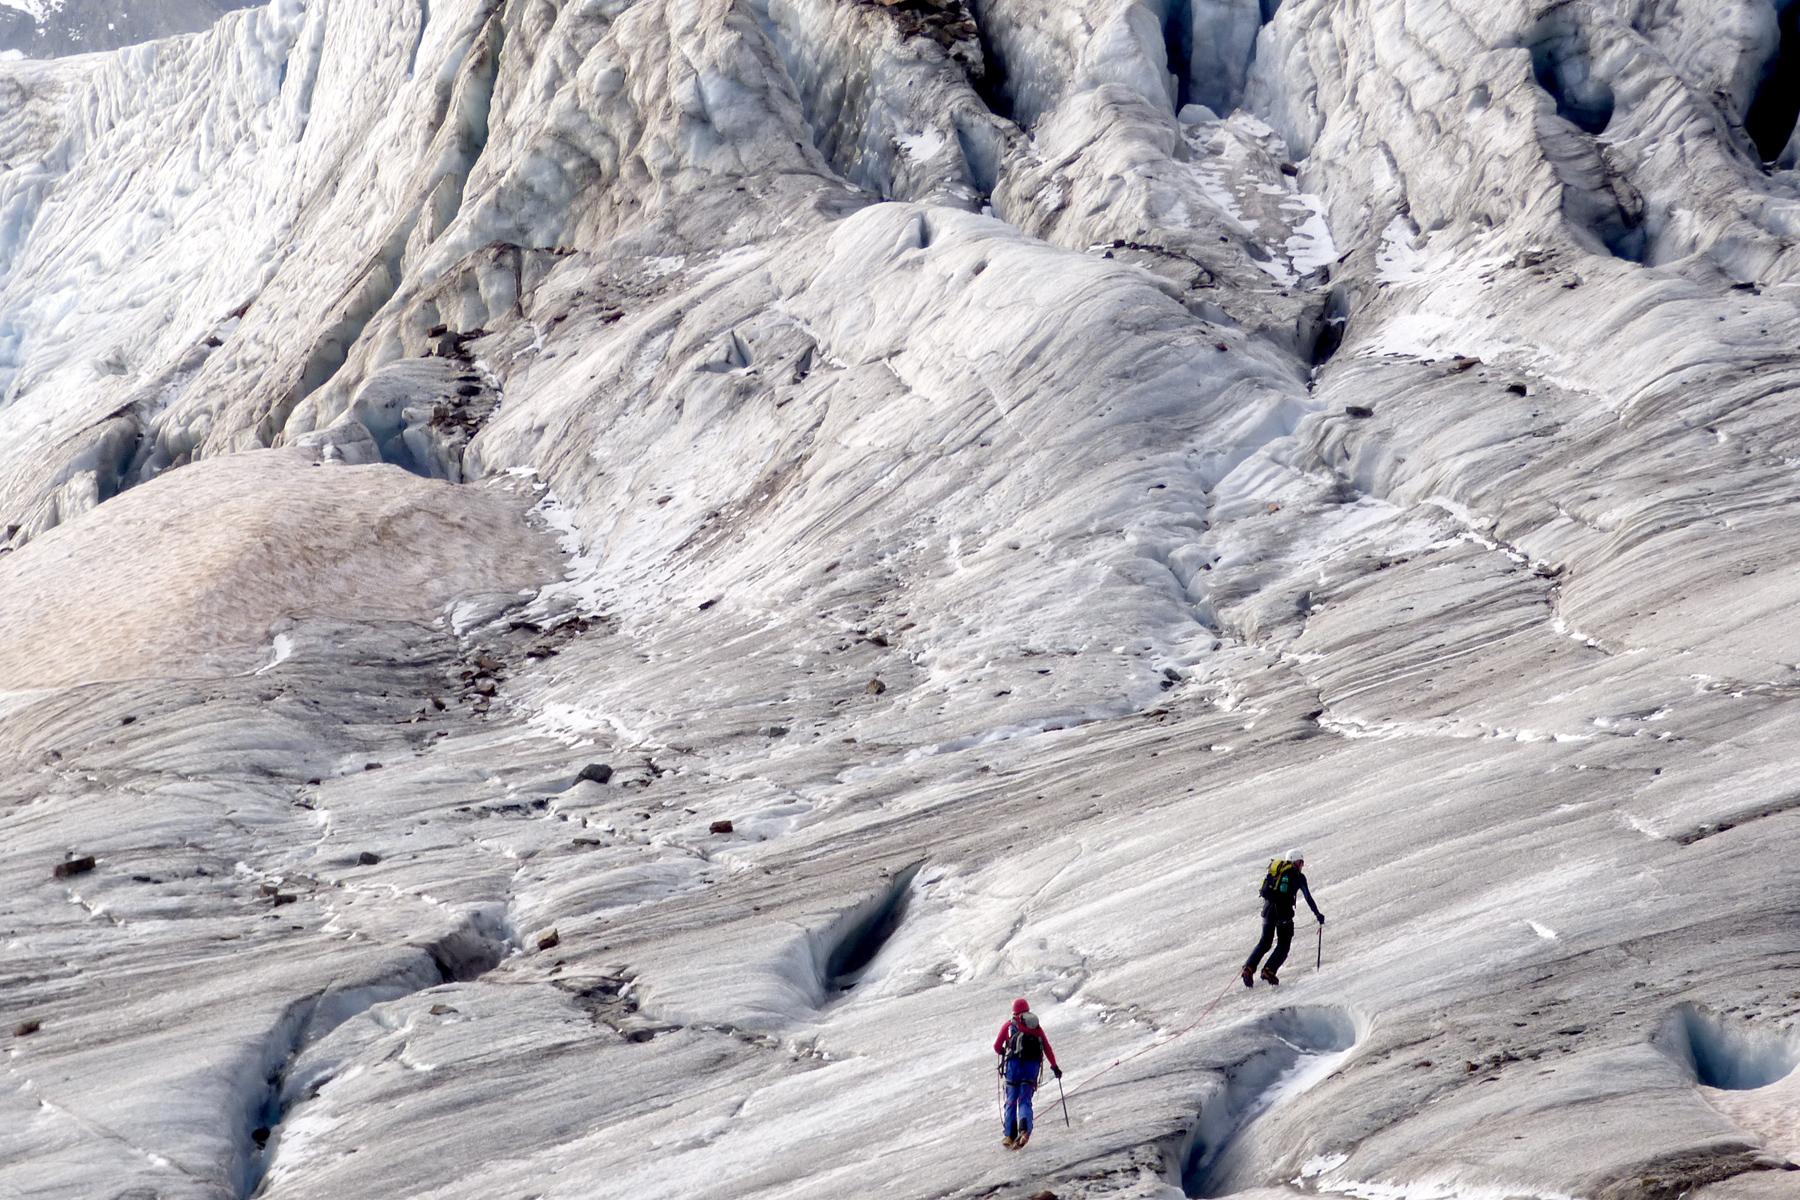 Klettergurt Für Gletscher : Bergsteigen gletscher kletterschule alpinschule bergaufbergab